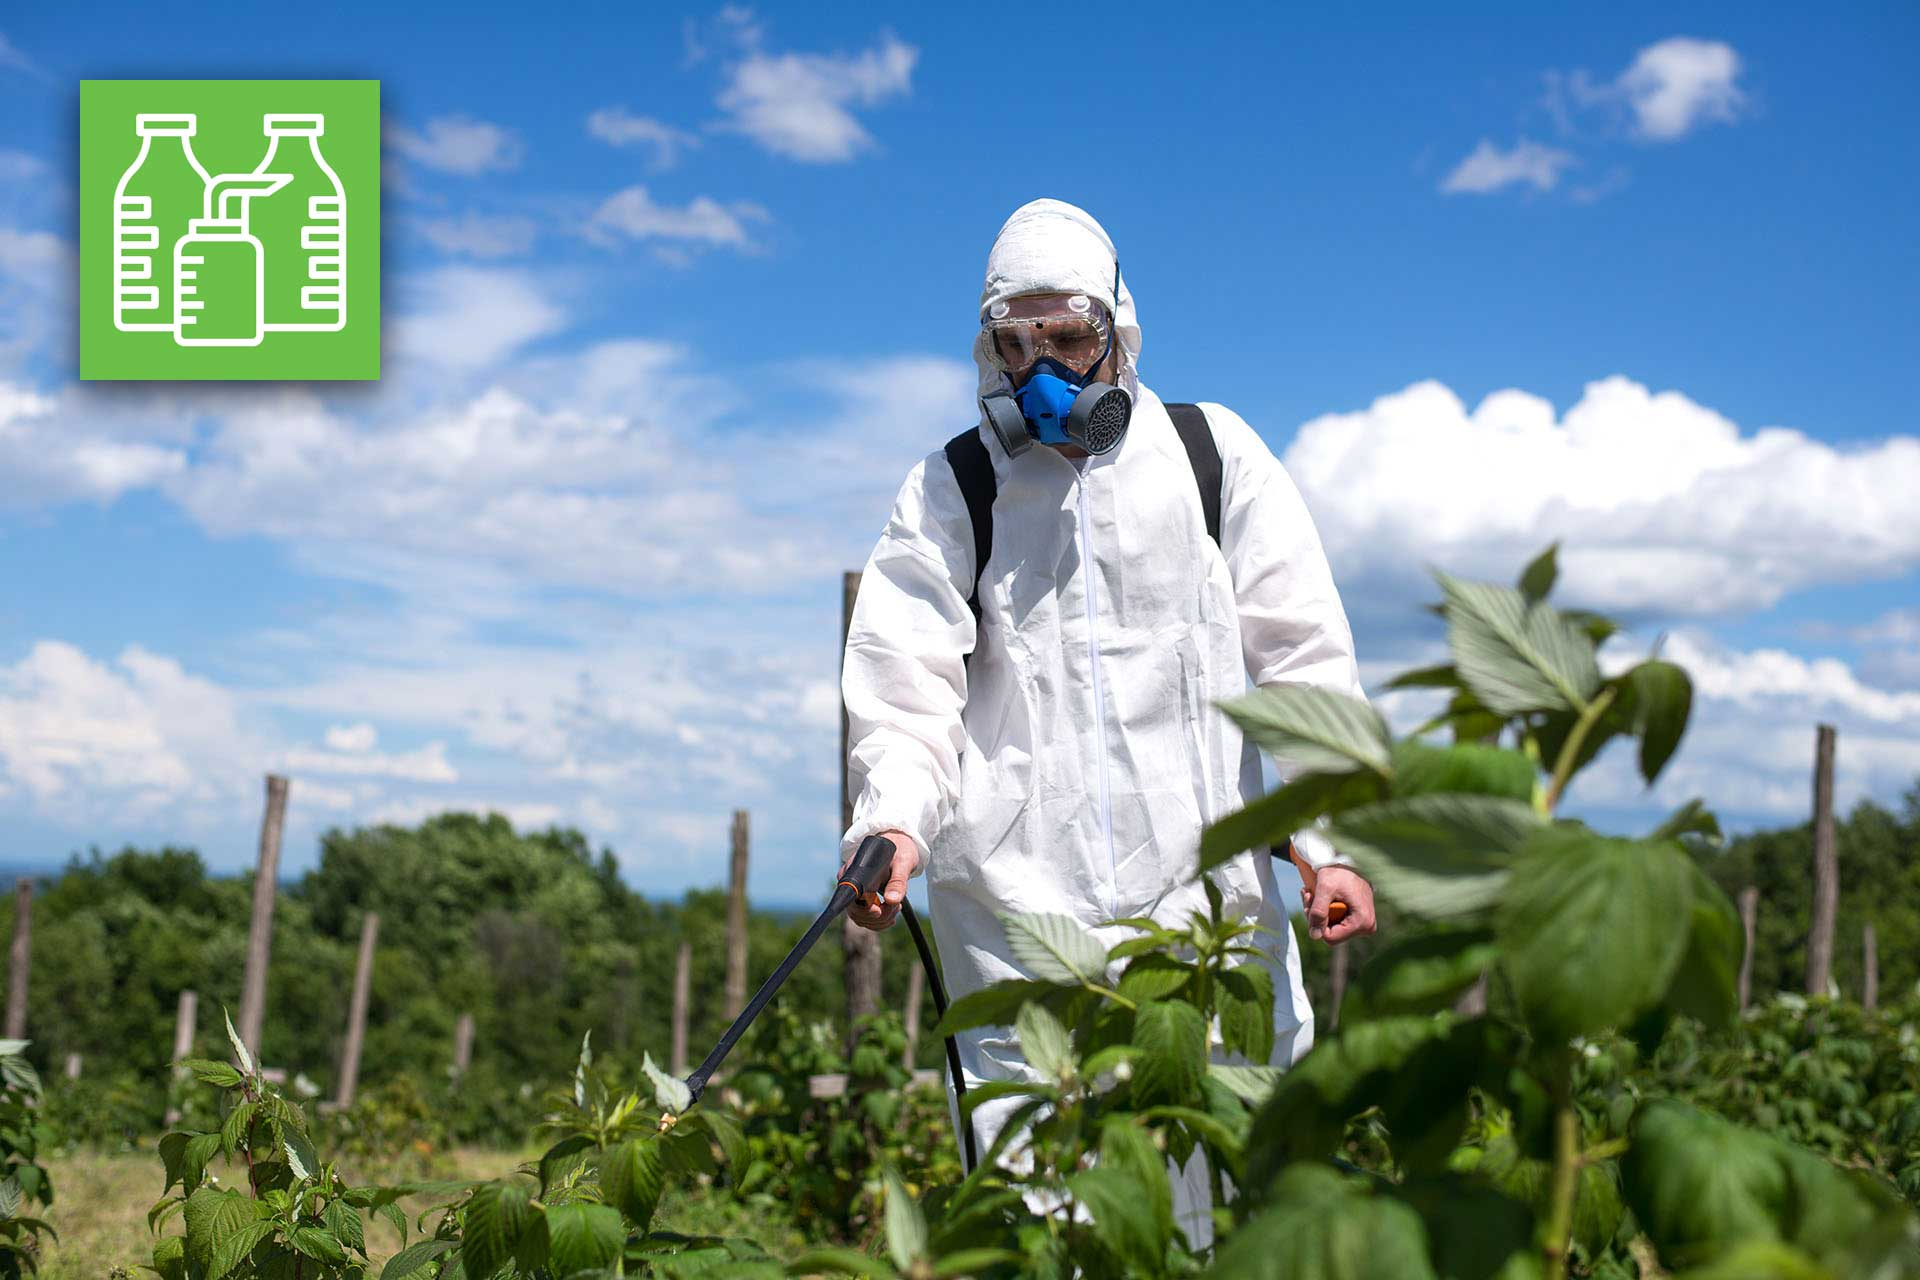 Novembre 2020, Siena. Aggiornamento per uso di prodotti fitosanitari